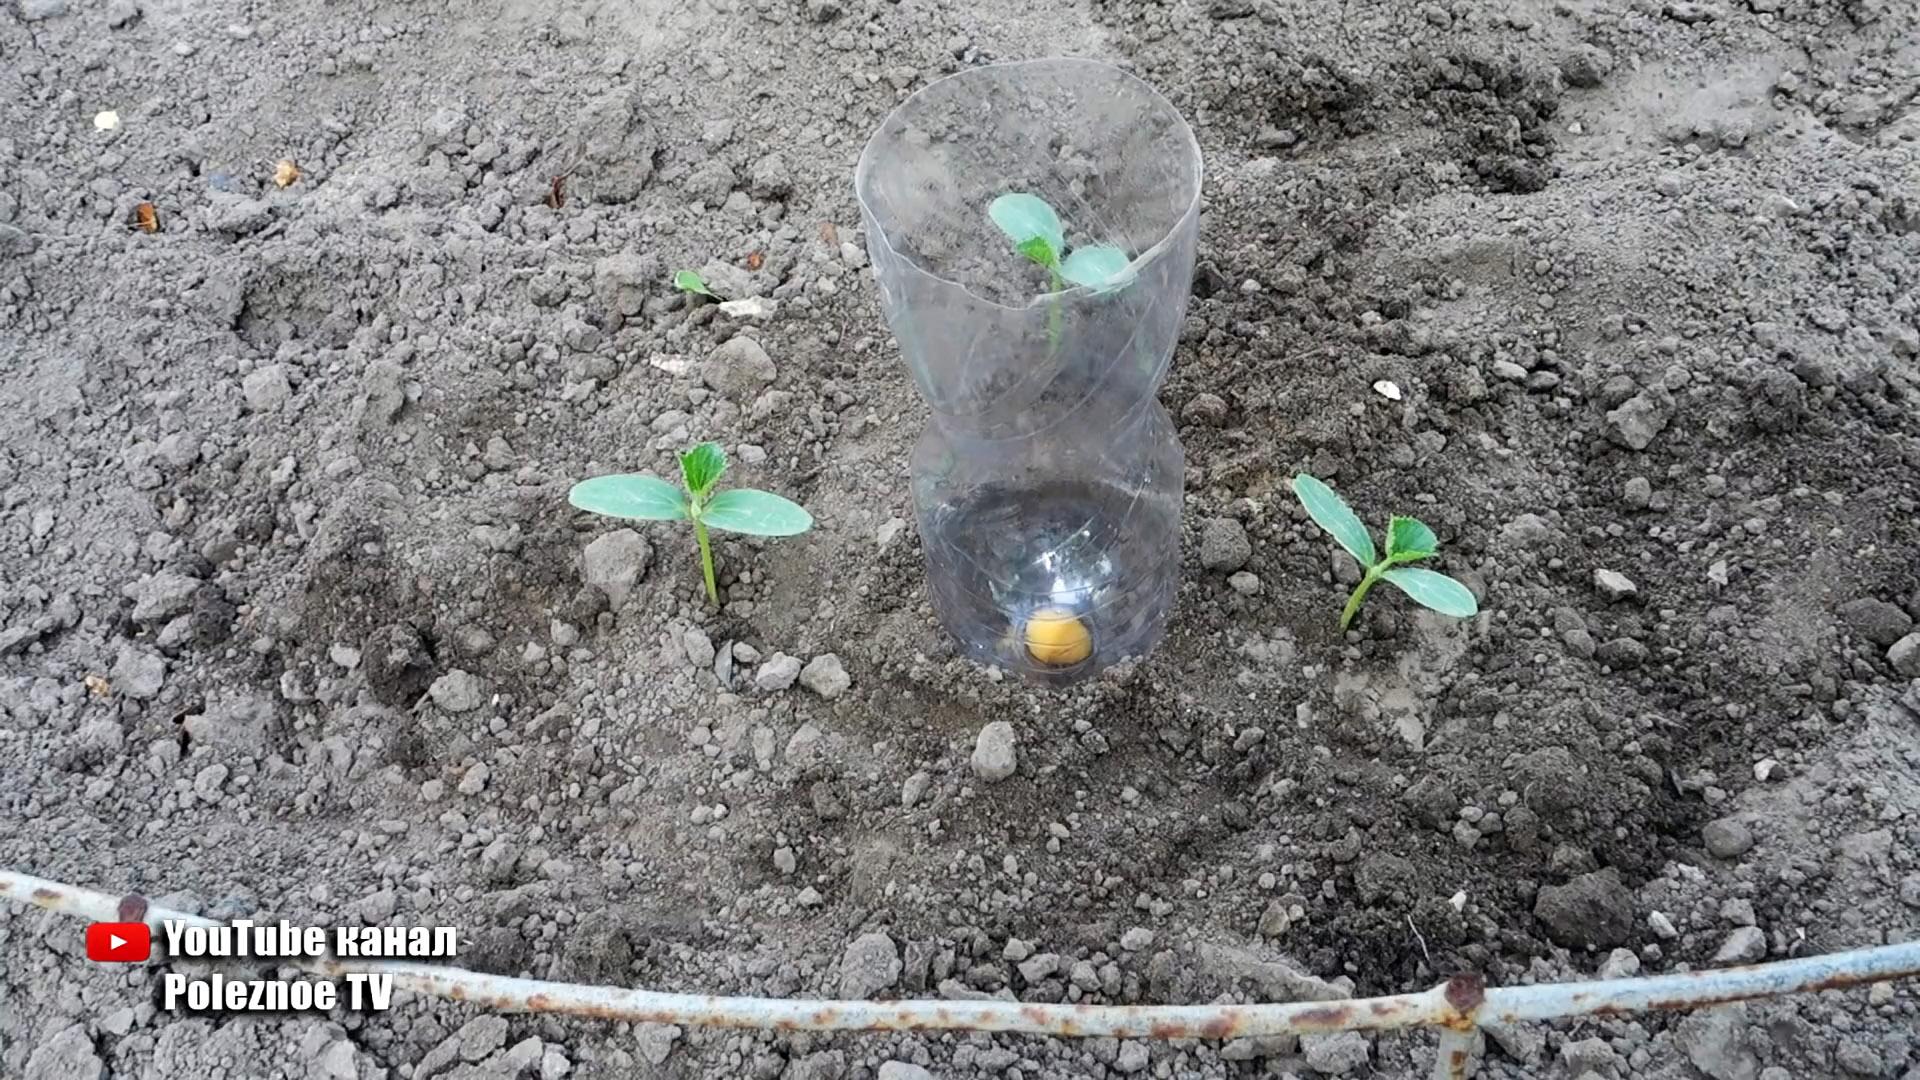 Система корневого полива из ПЭТ бутылки поможет растениям и сэкономит вам воду